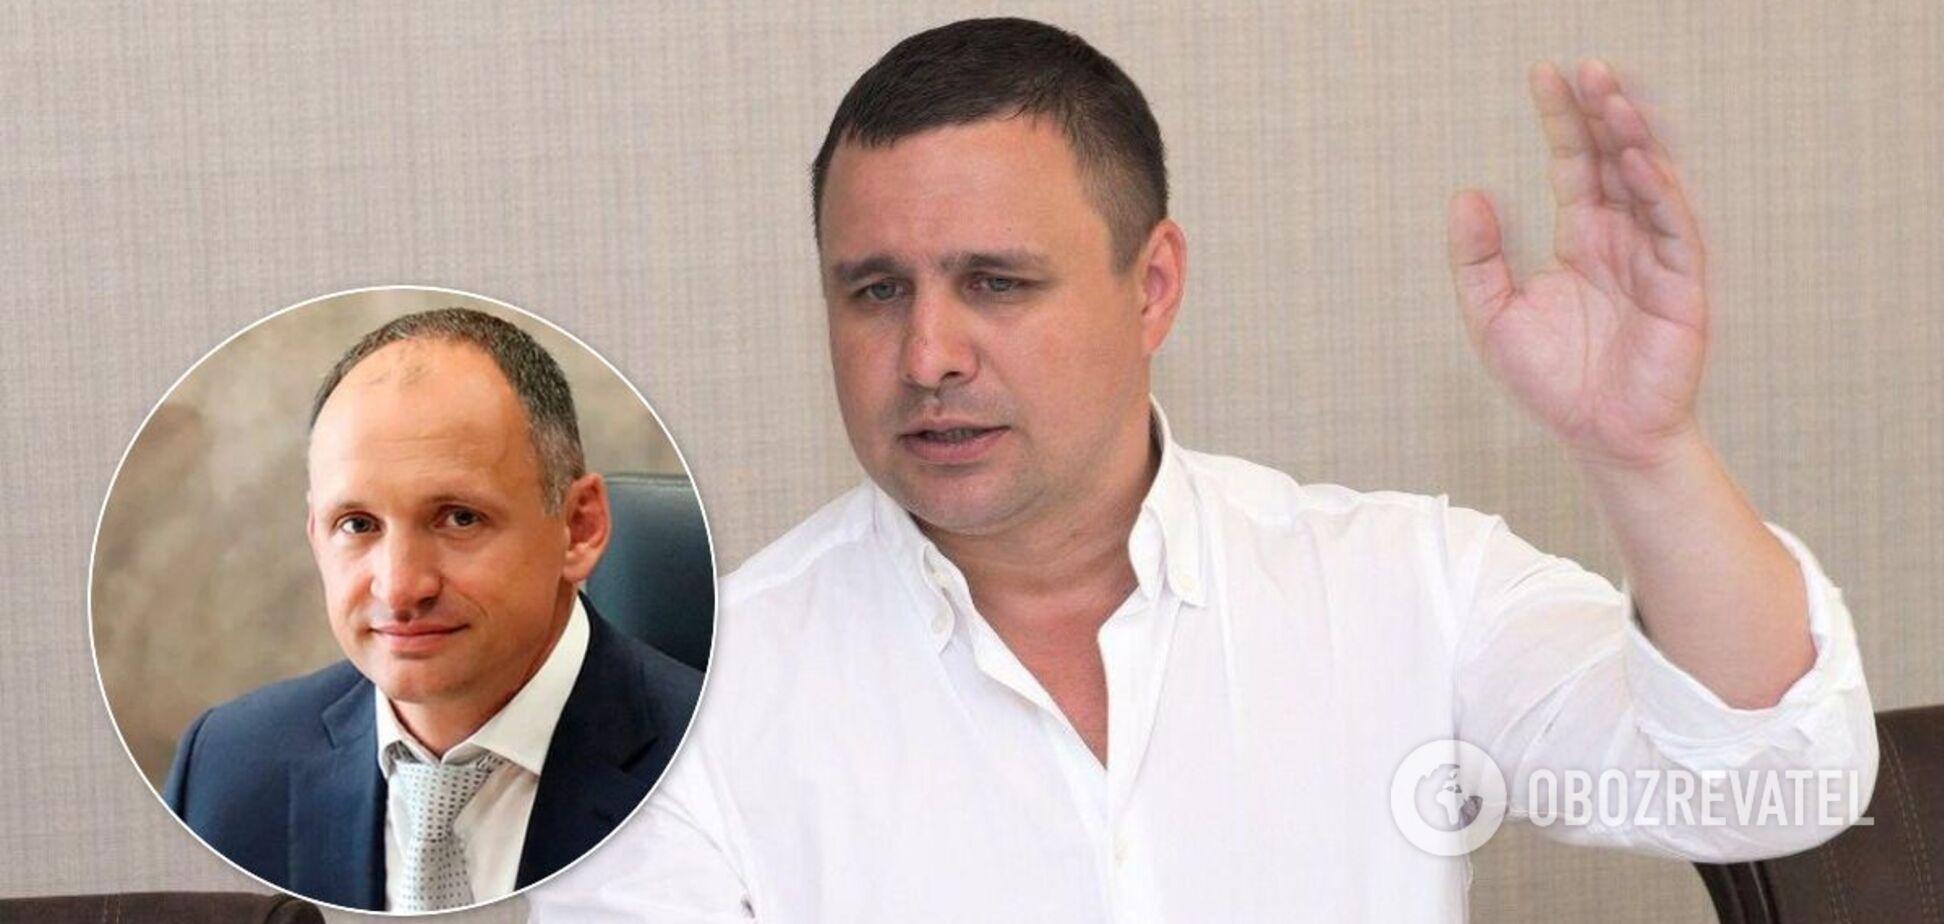 Микитась попытался оправдаться за 'сделку с НАБУ' по Татарову: при чем здесь известный ресторатор